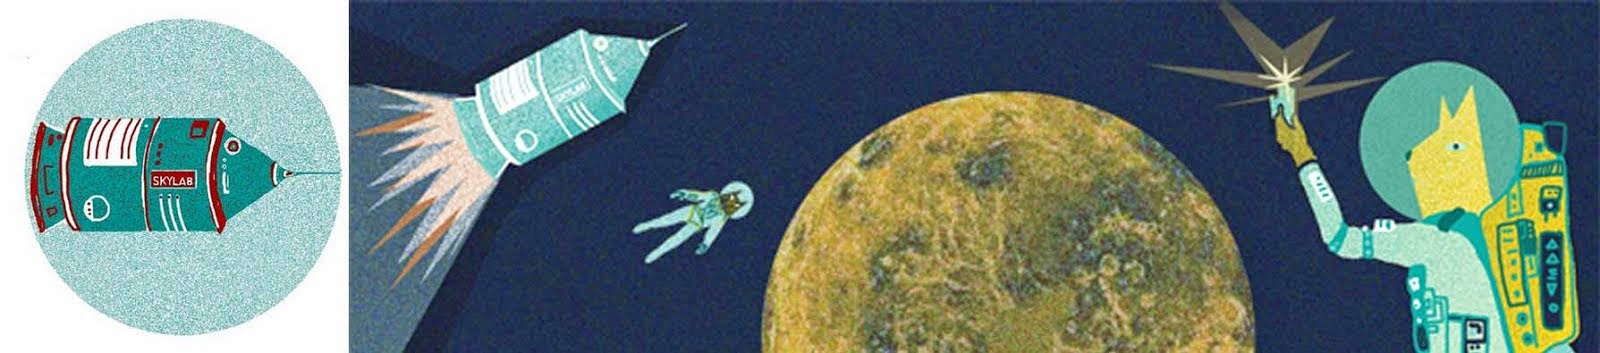 Skylab, cultura y experimentación.